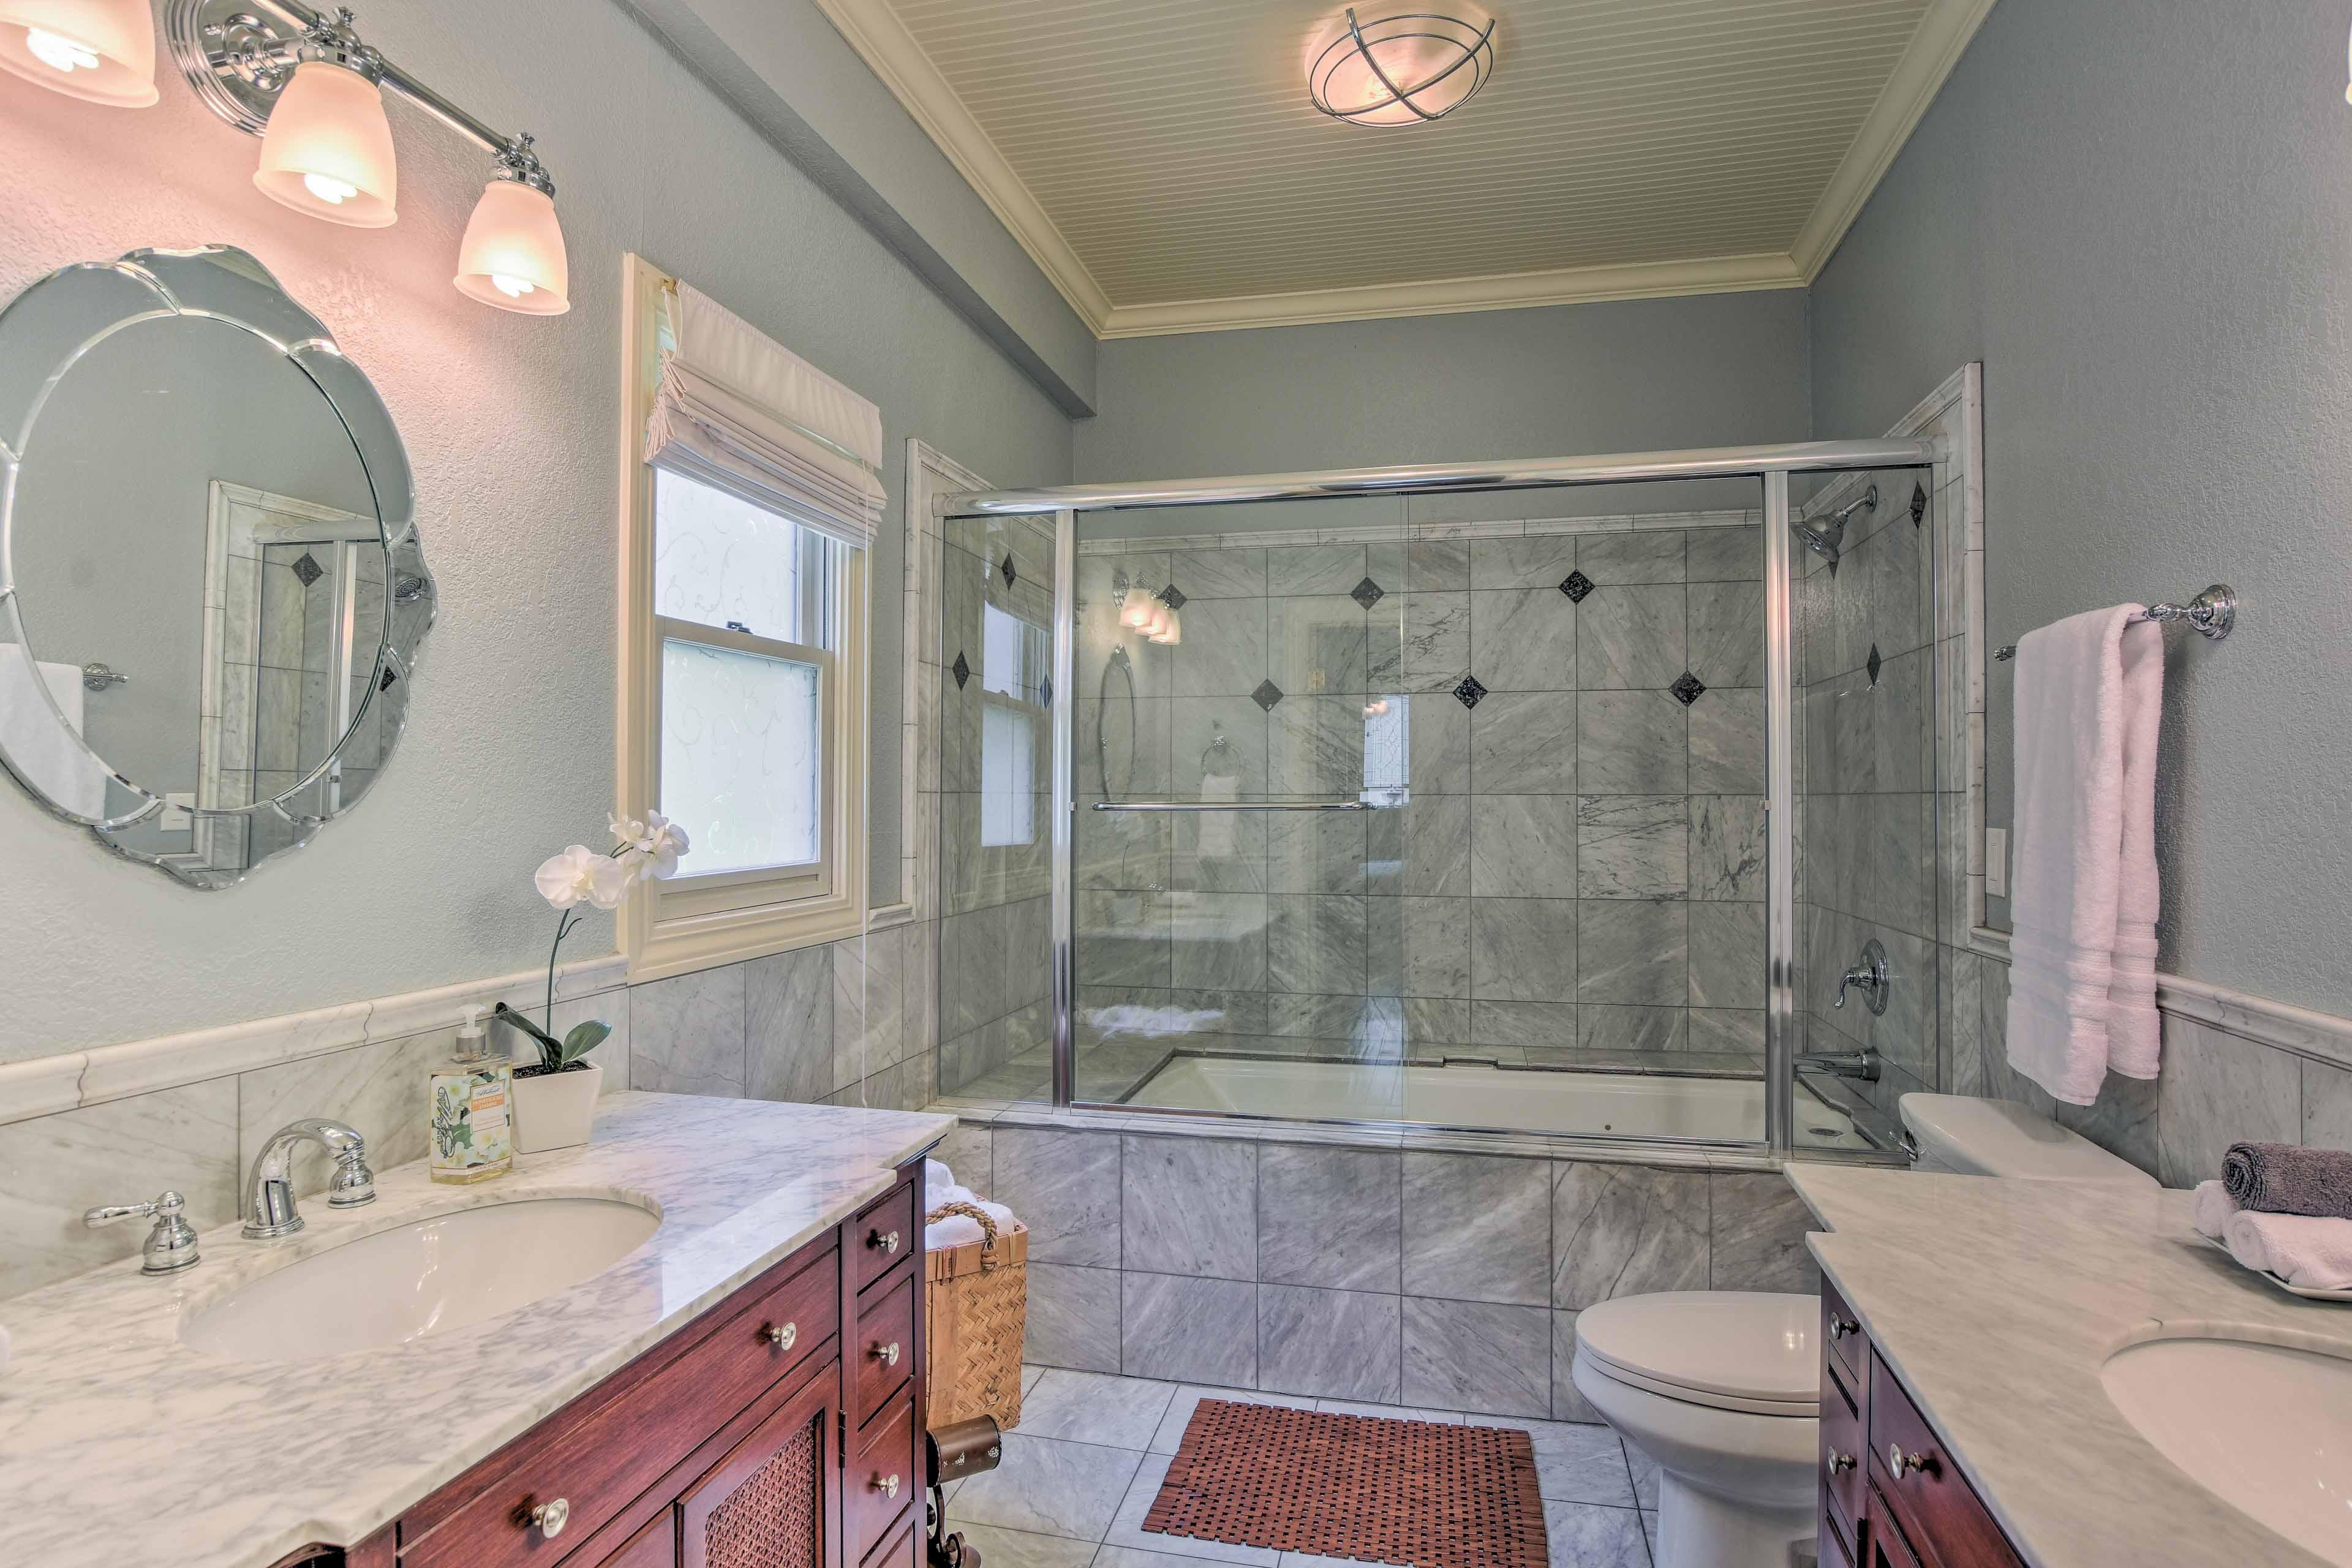 Italian marble completes the elegant en-suite bathroom.